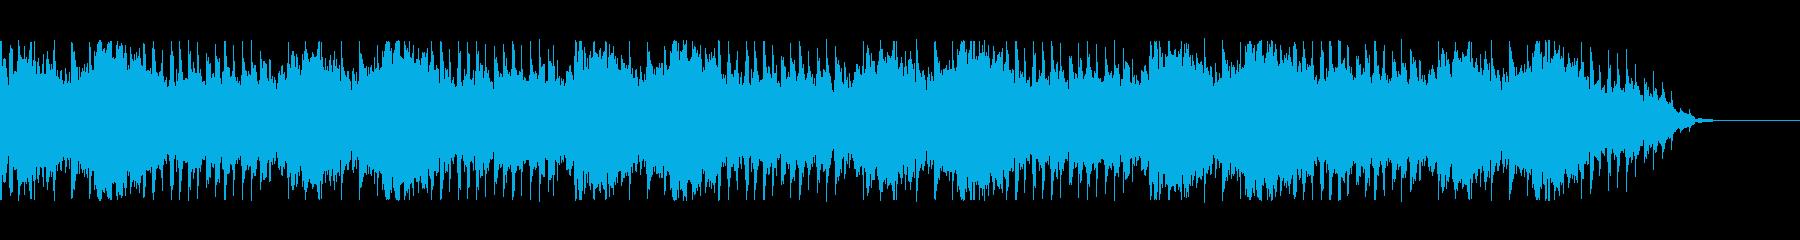 重い、エレクトロニカの再生済みの波形